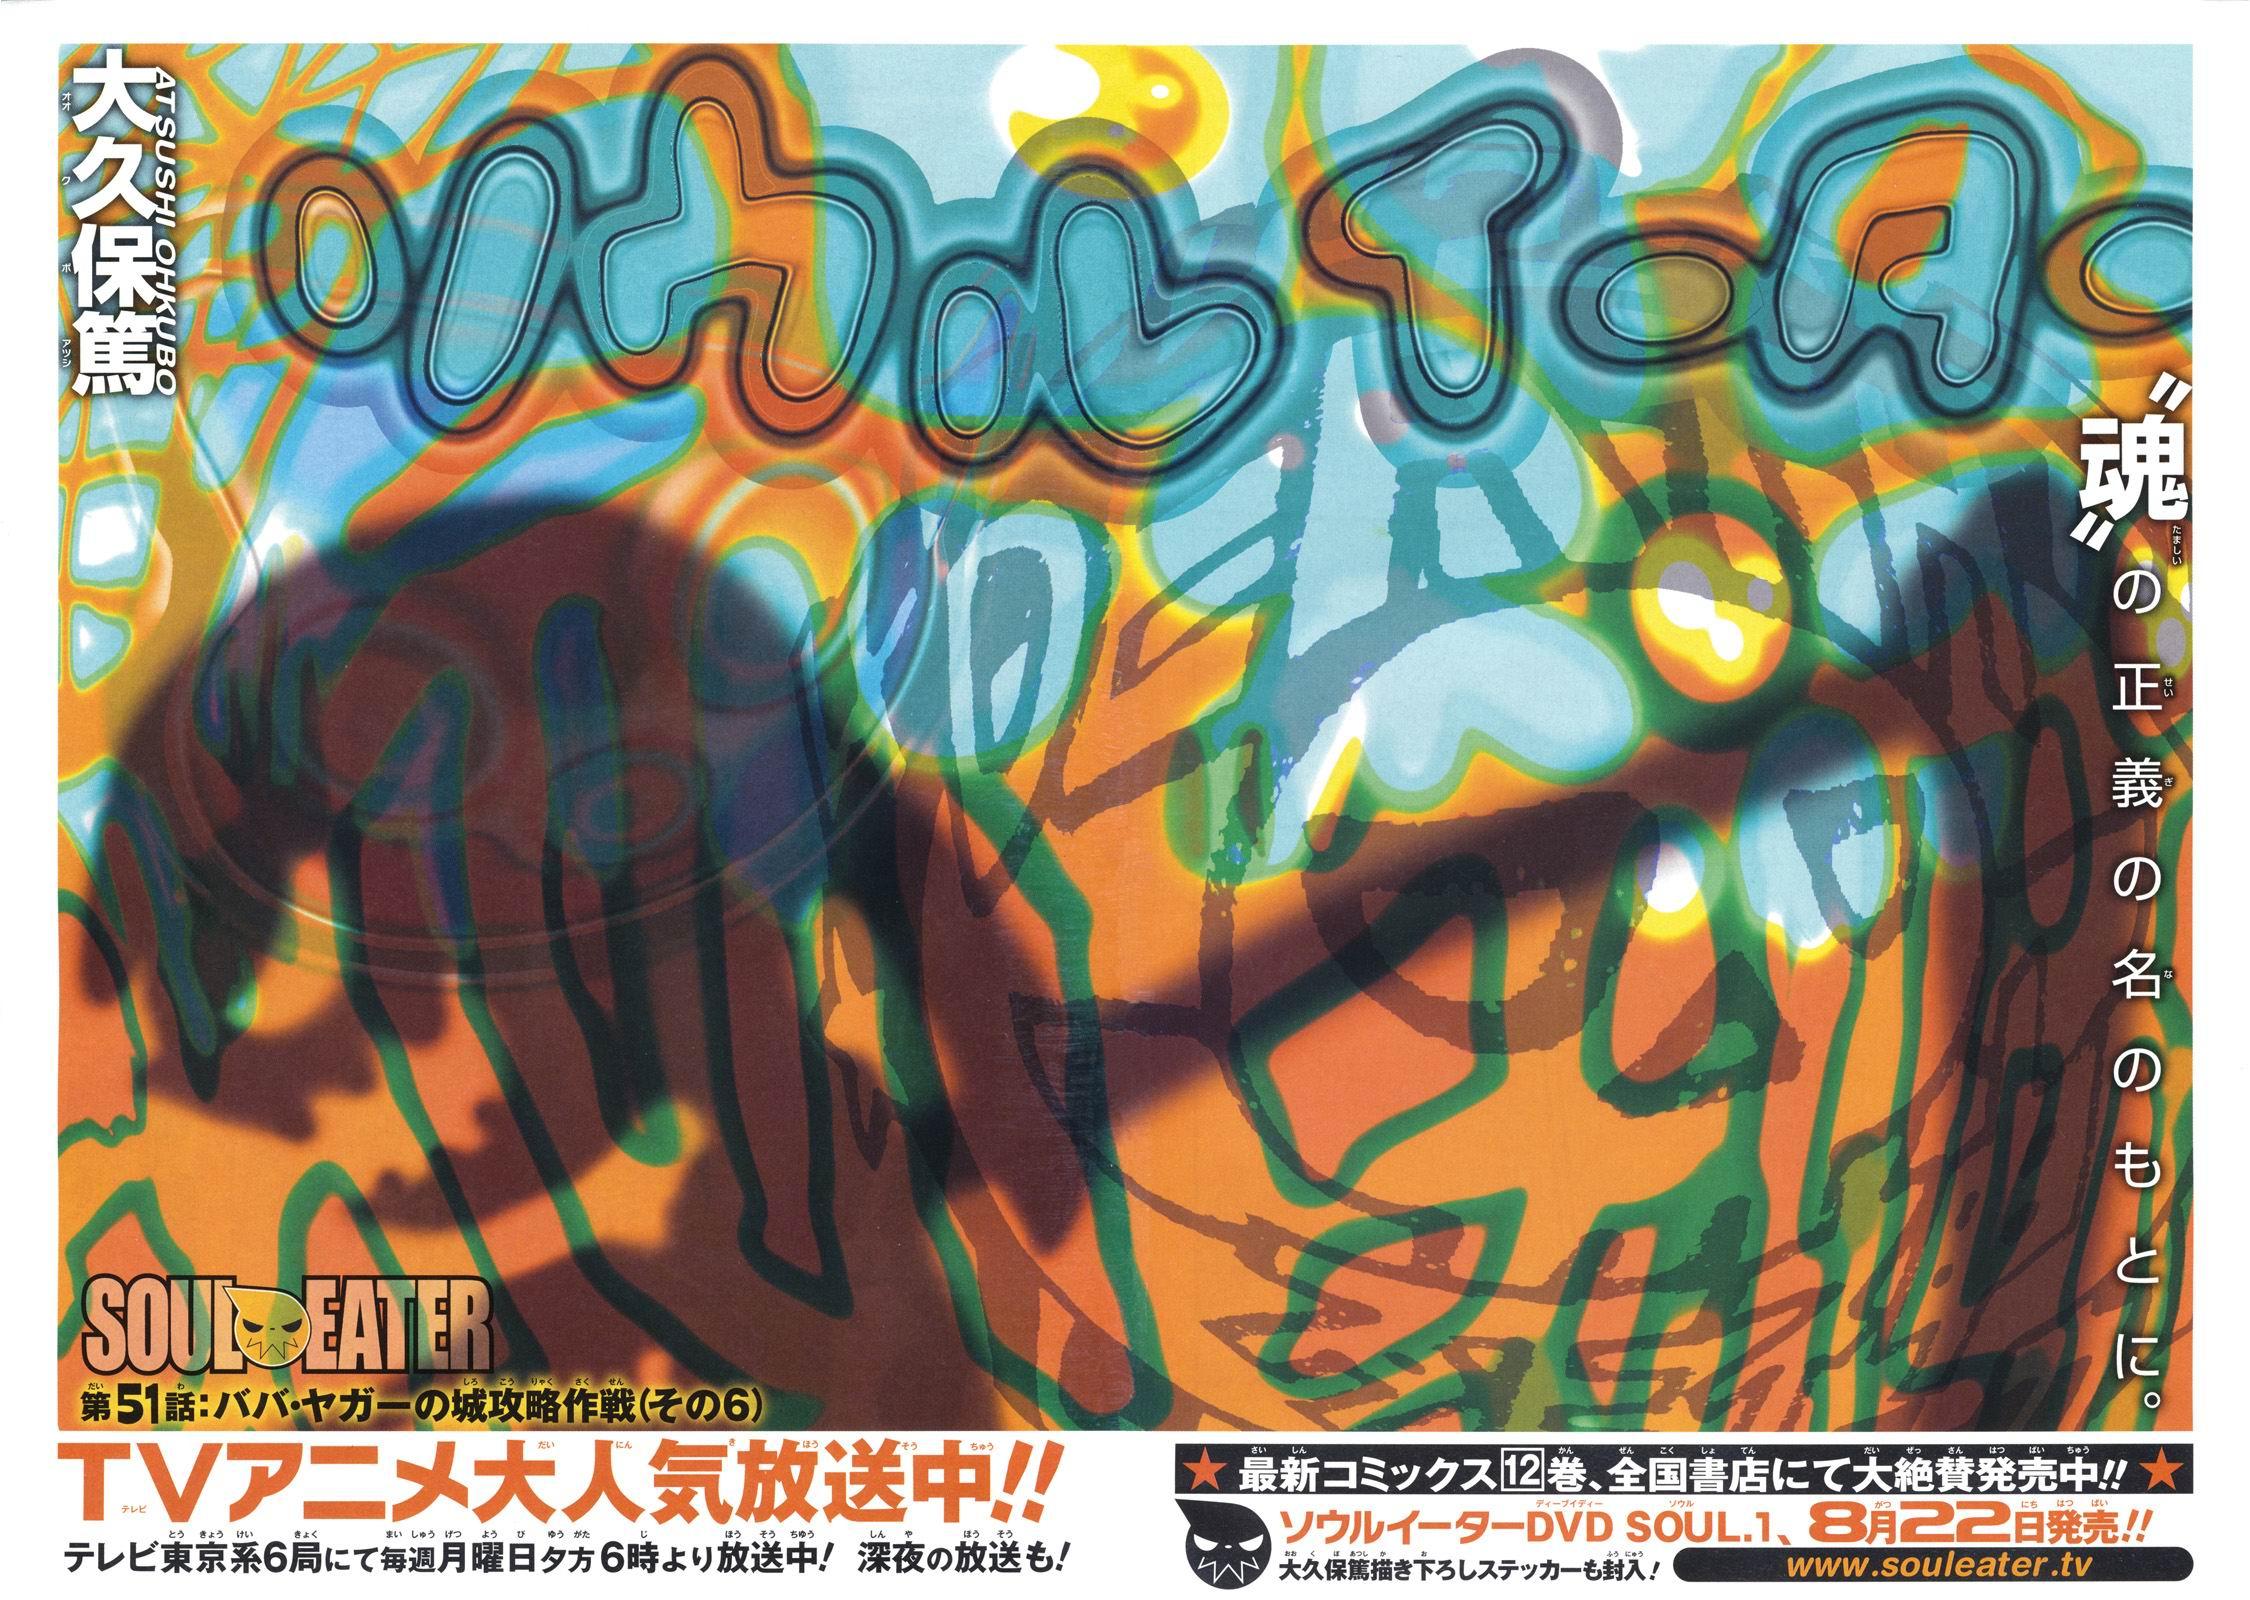 Soul Eater 051 00020003